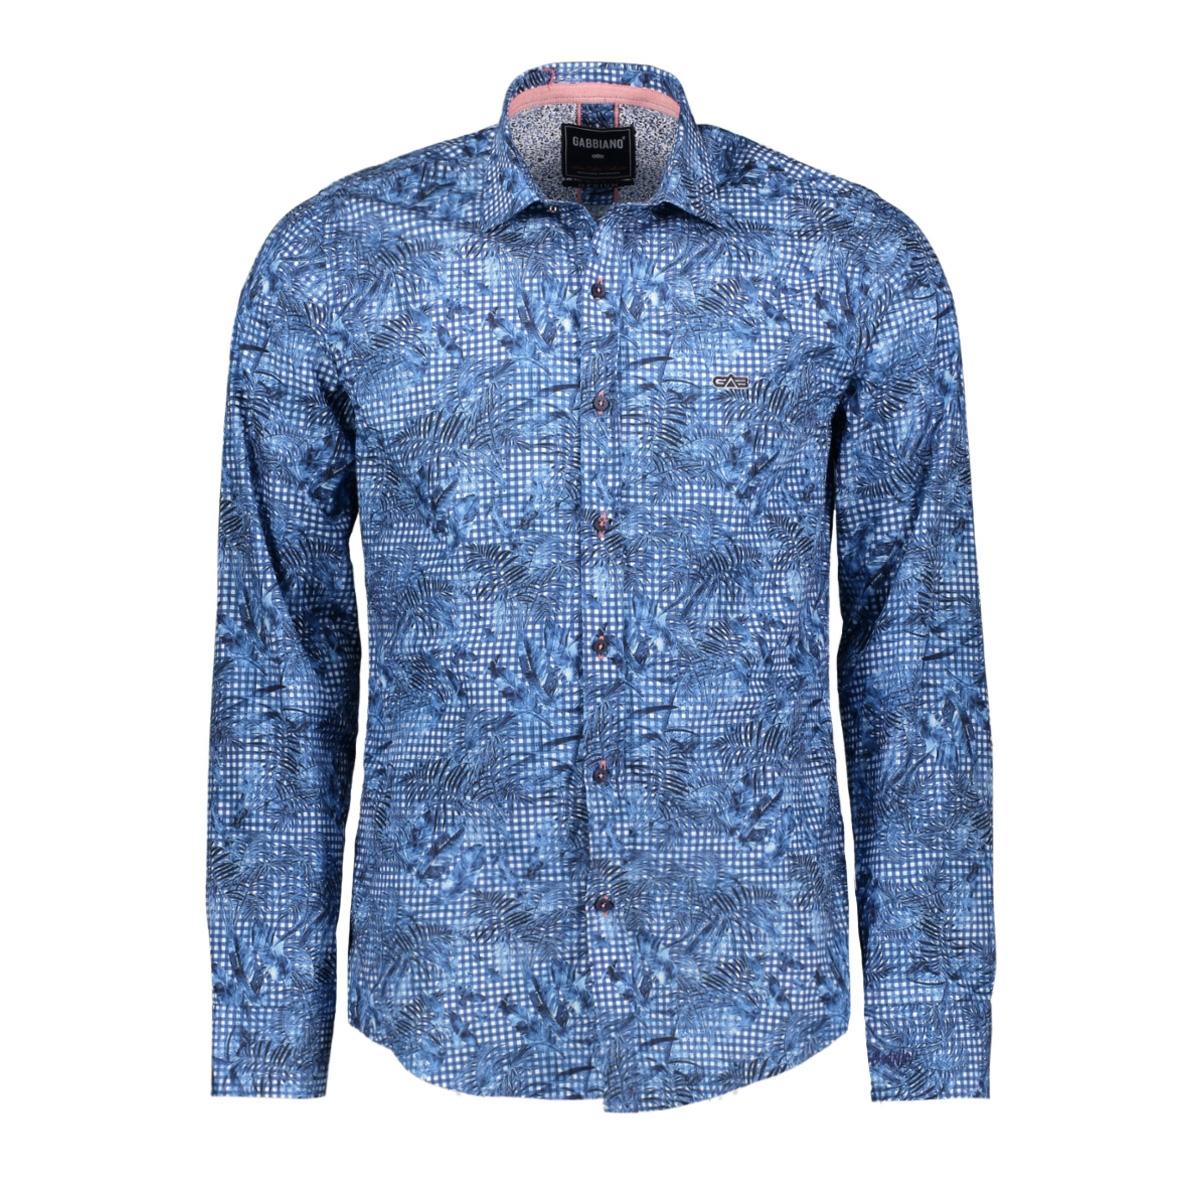 32627 gabbiano overhemd v8